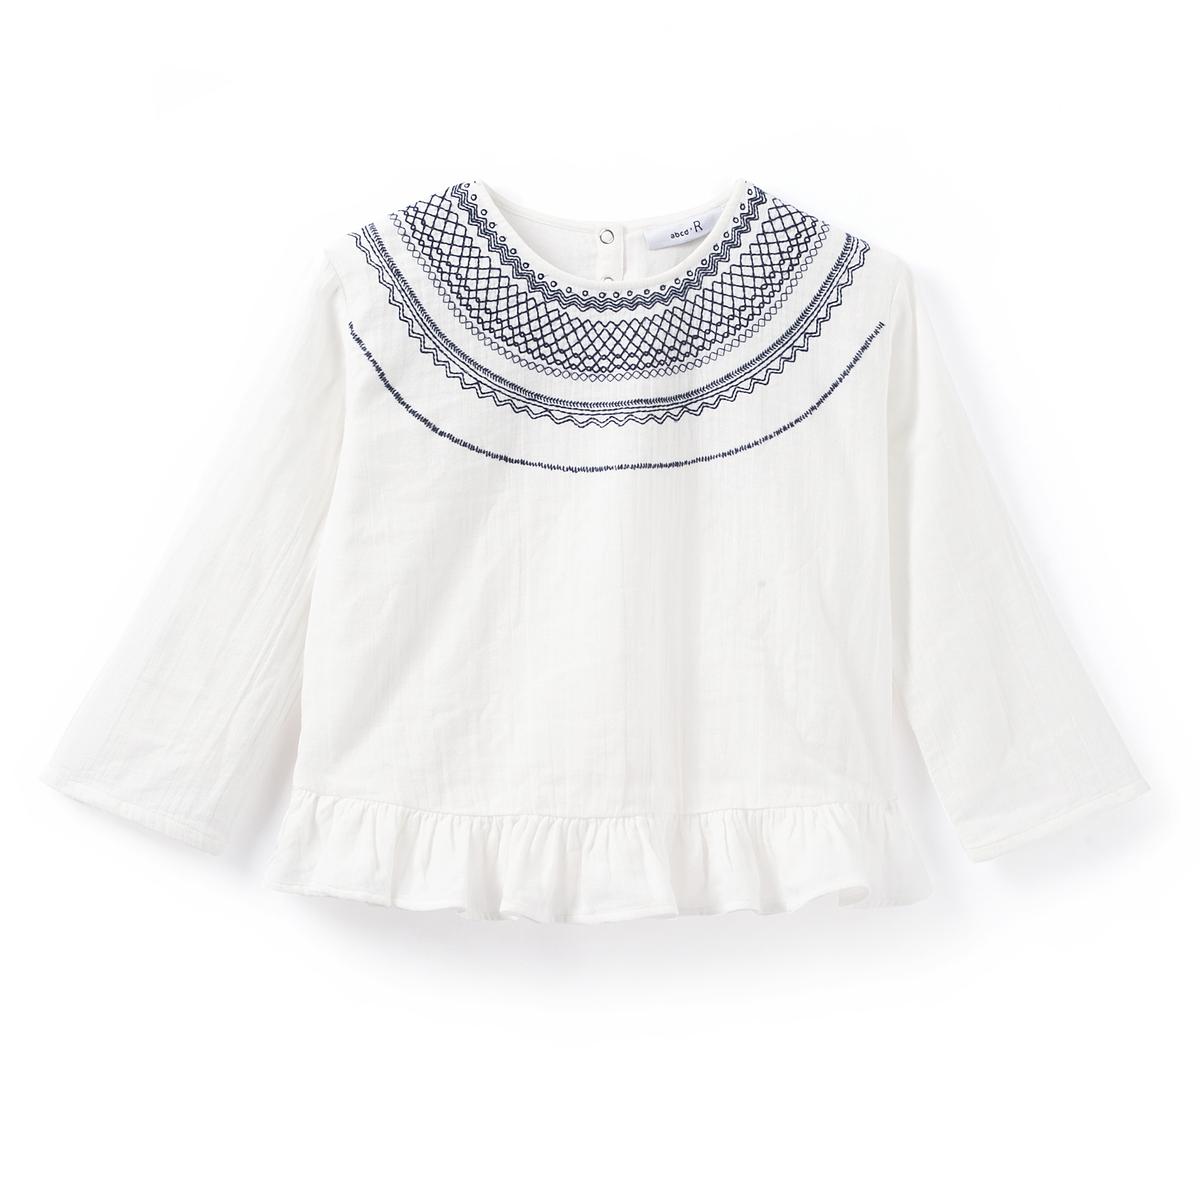 Блузка c вышивкой в стиле фолк 3-12 лет